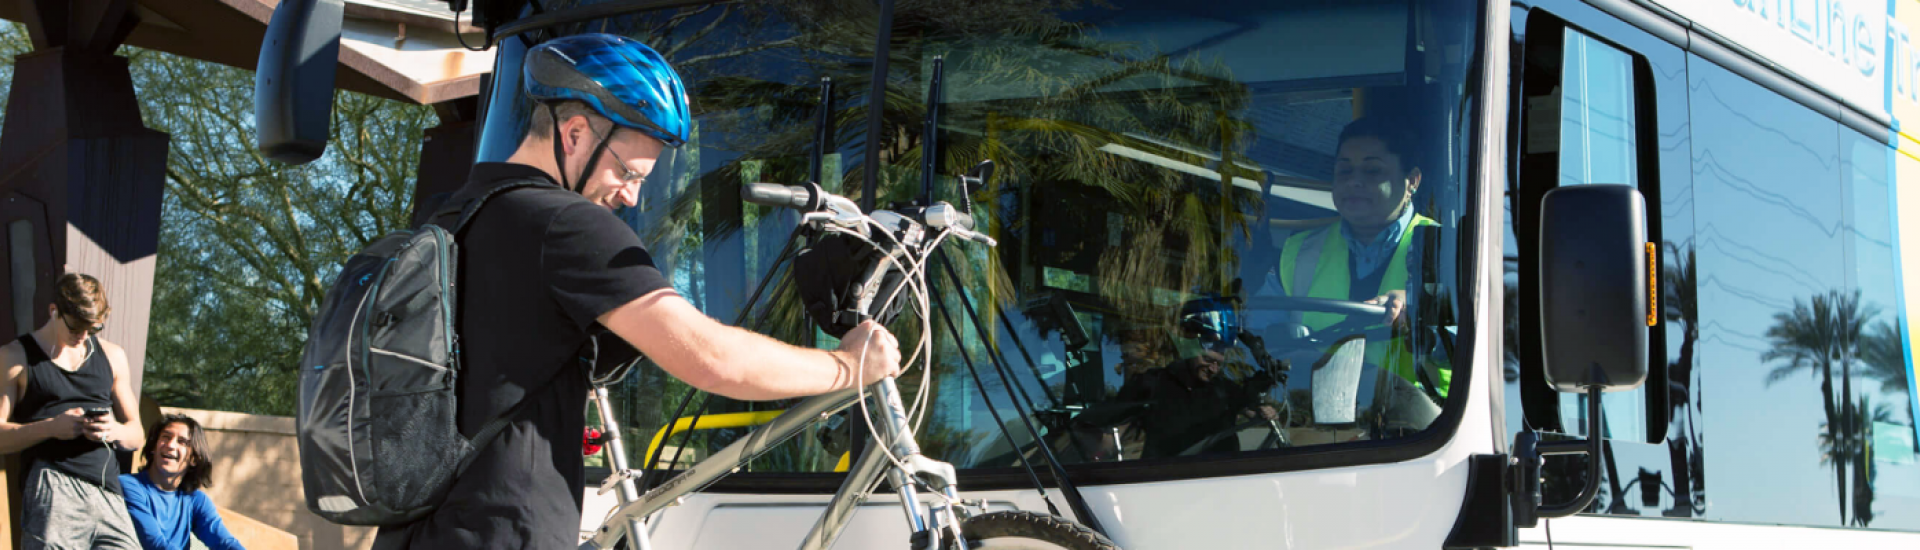 passenger loading his bike on SunLine's Bike Rack